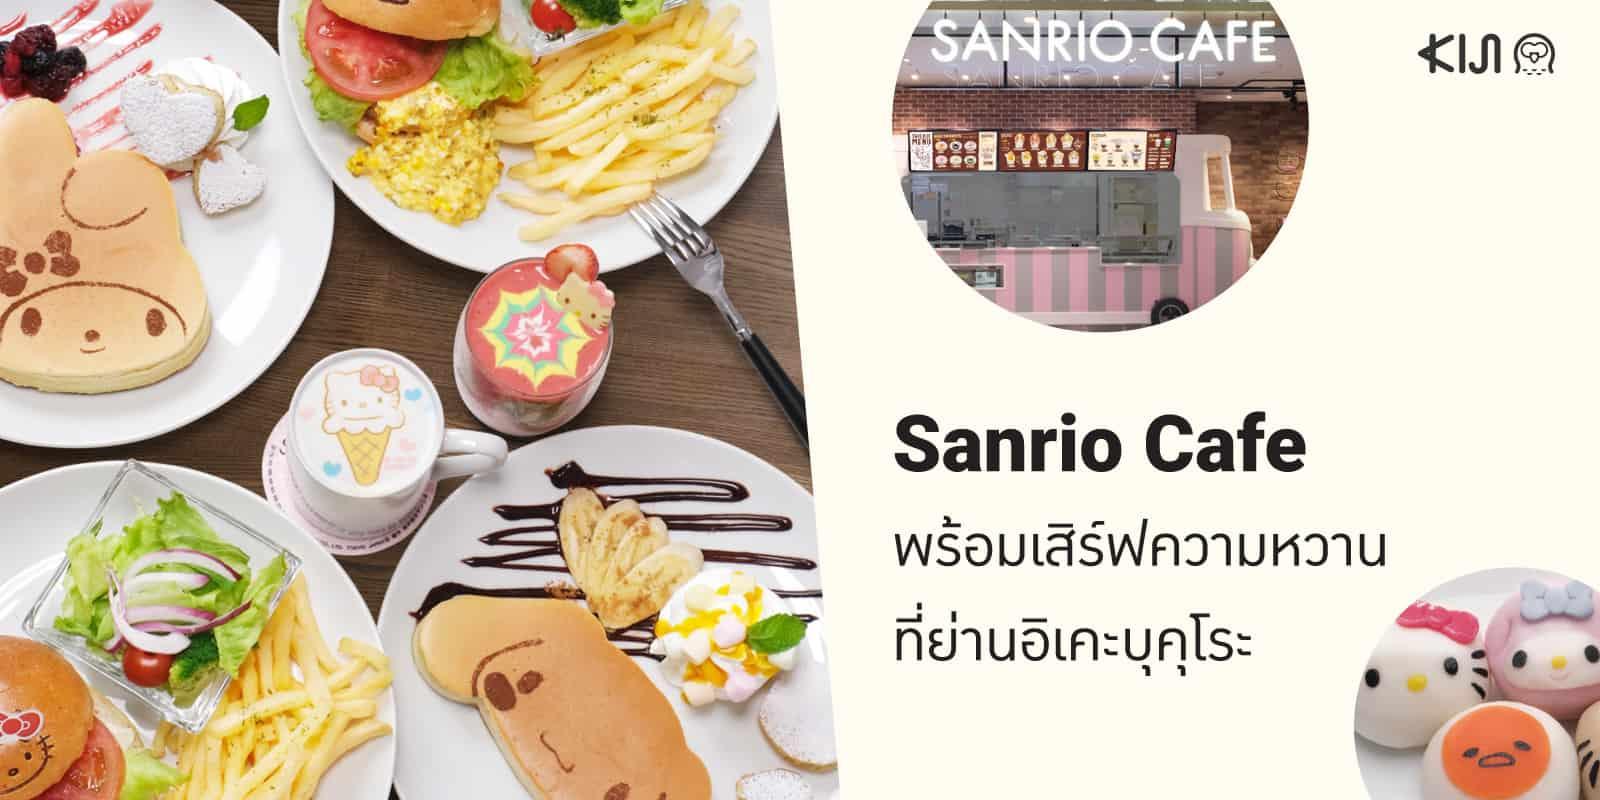 Sanrio Cafe คาเฟ่ซานริโอ้ เปิดใหม่ที่ย่านอิเคะบุคุโระ